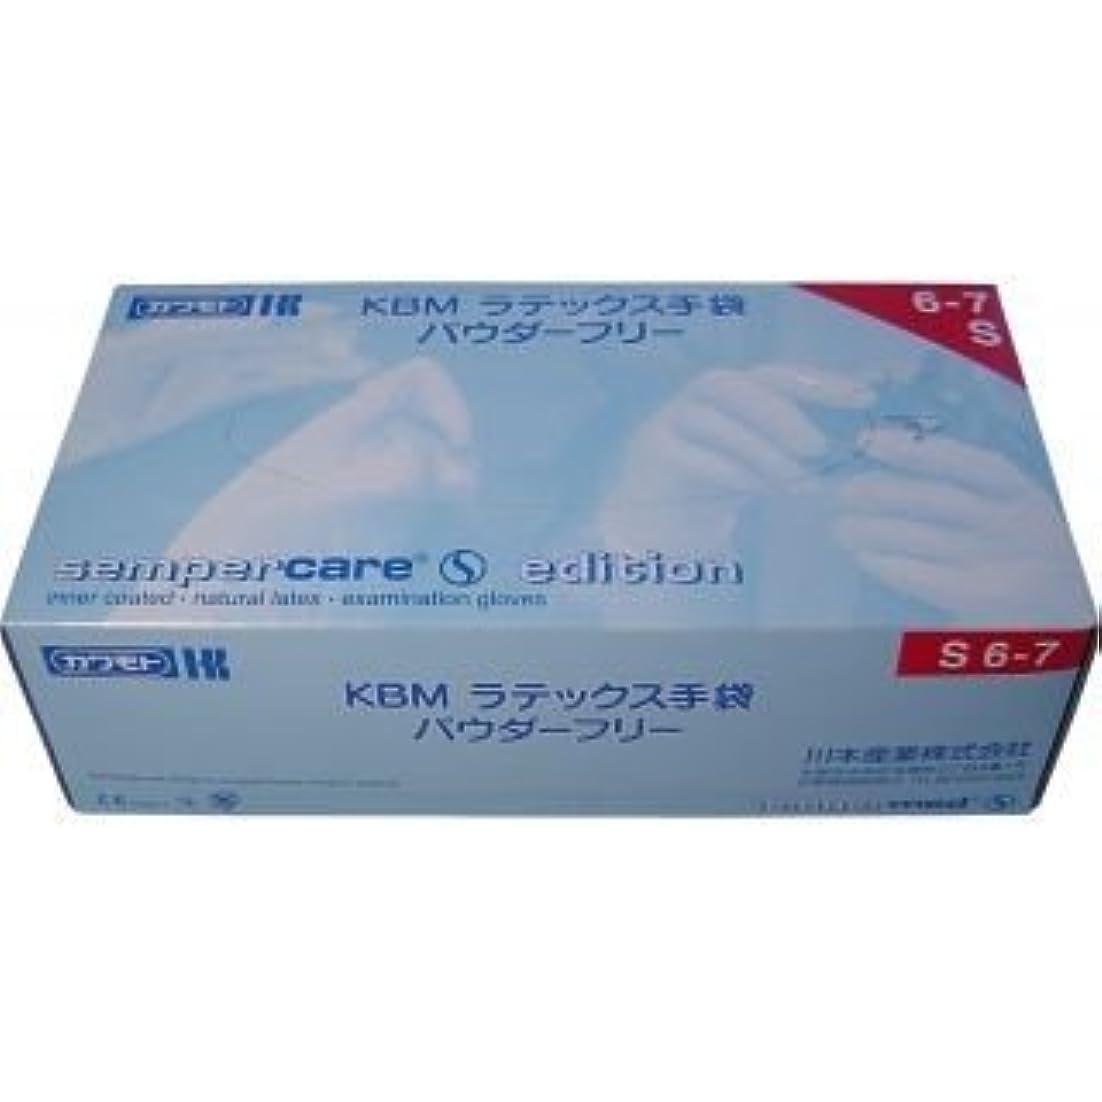 カップブラインド間欠KBMラテックス手袋 パウダーフリー Sサイズ 100枚入【2個セット】